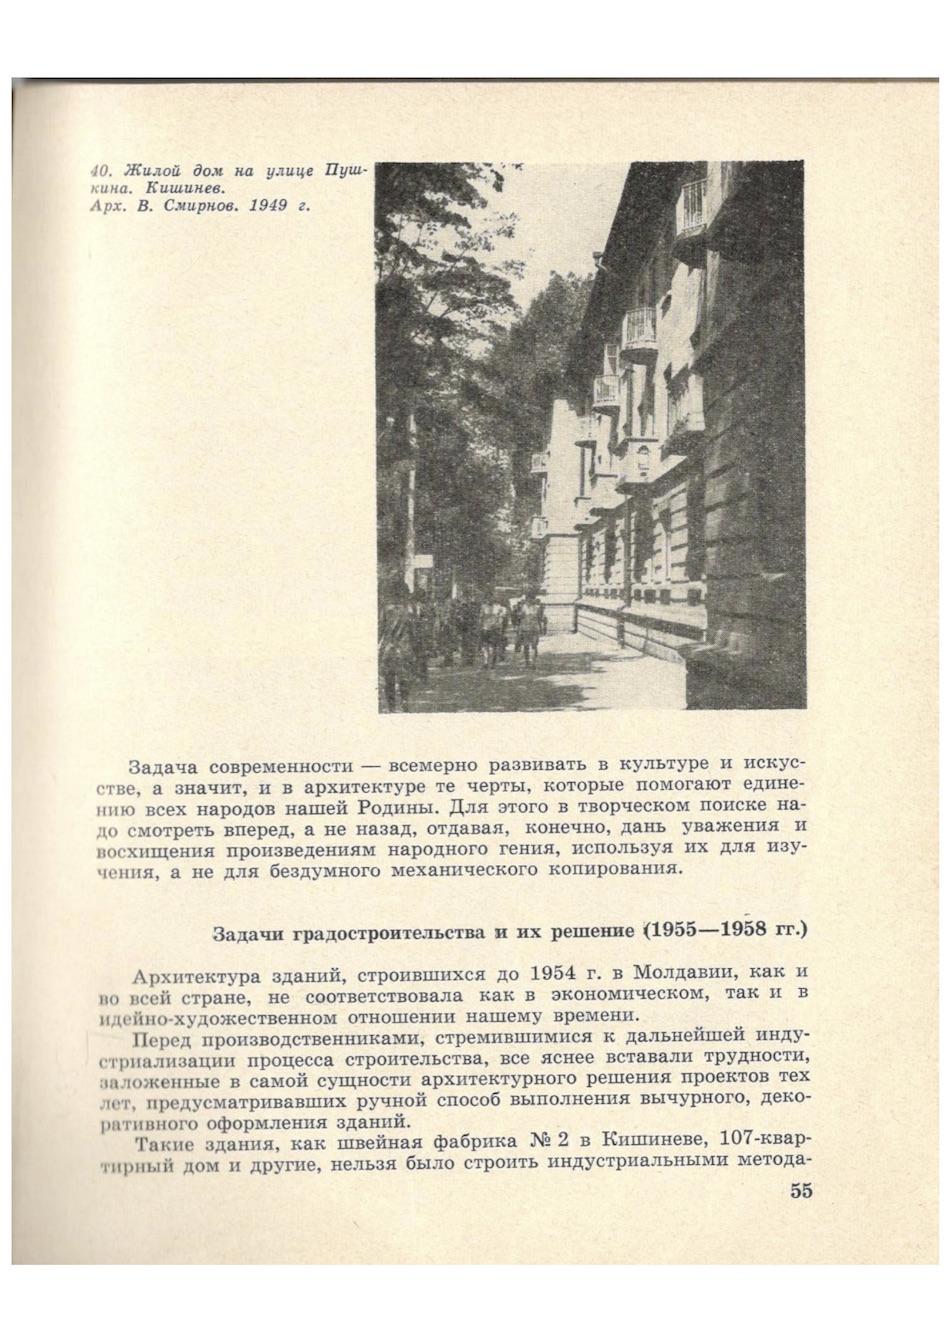 -Градостроительство-Молдавии-В-Ф-Смирнов